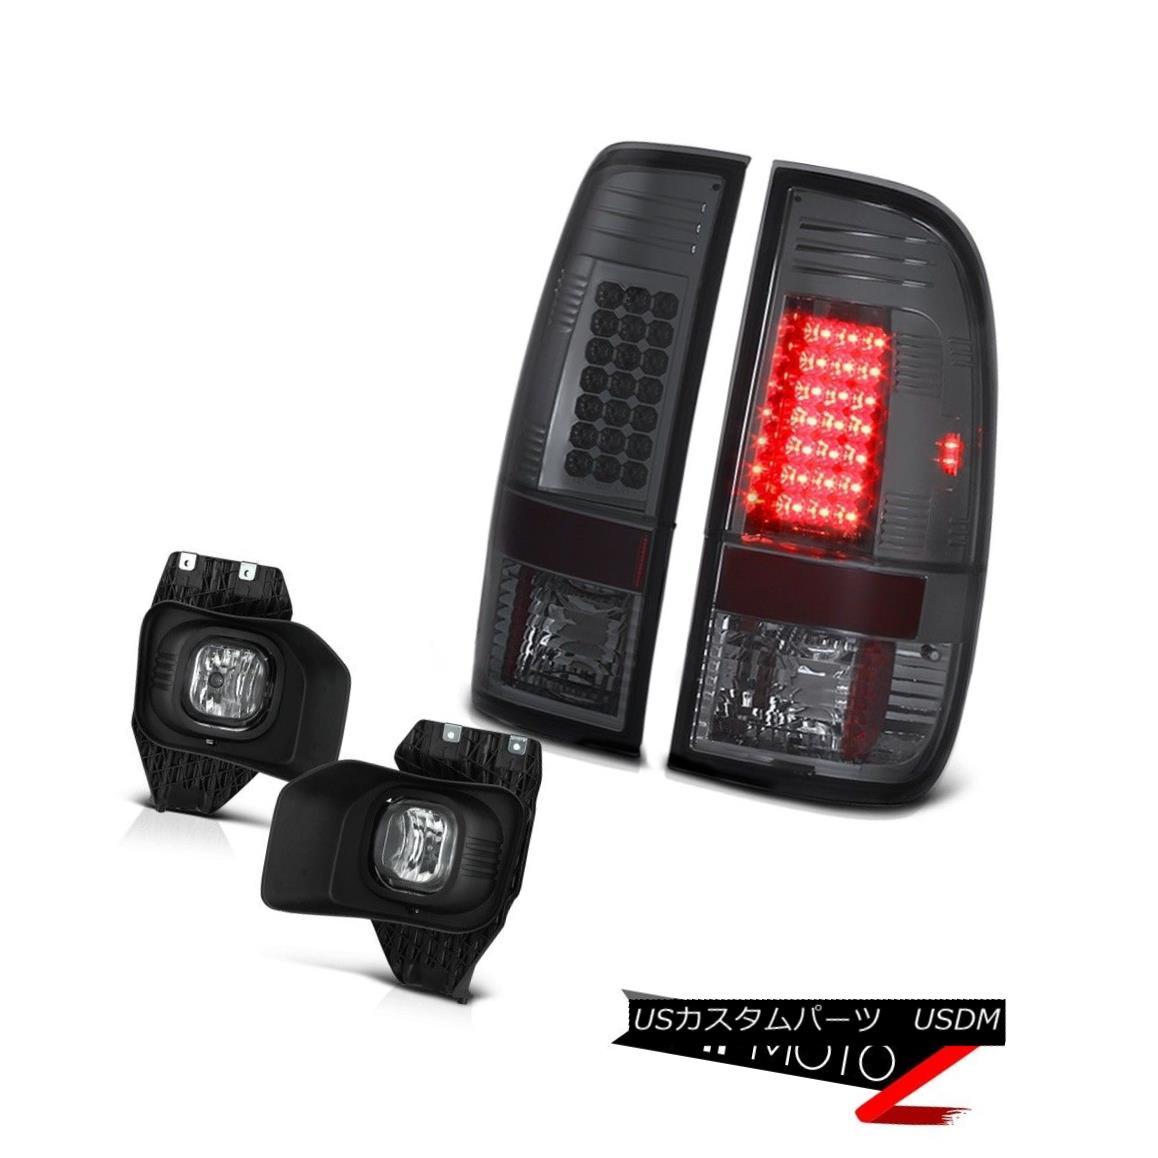 ヘッドライト 11 12 13 14 15 16 Ford F350 Superduty Euro Clear Fog Lights Tail Brake LED SMD 11 12 13 14 15 16 Ford F350 SuperdutyユーロクリアフォグライトテールブレーキLED SMD